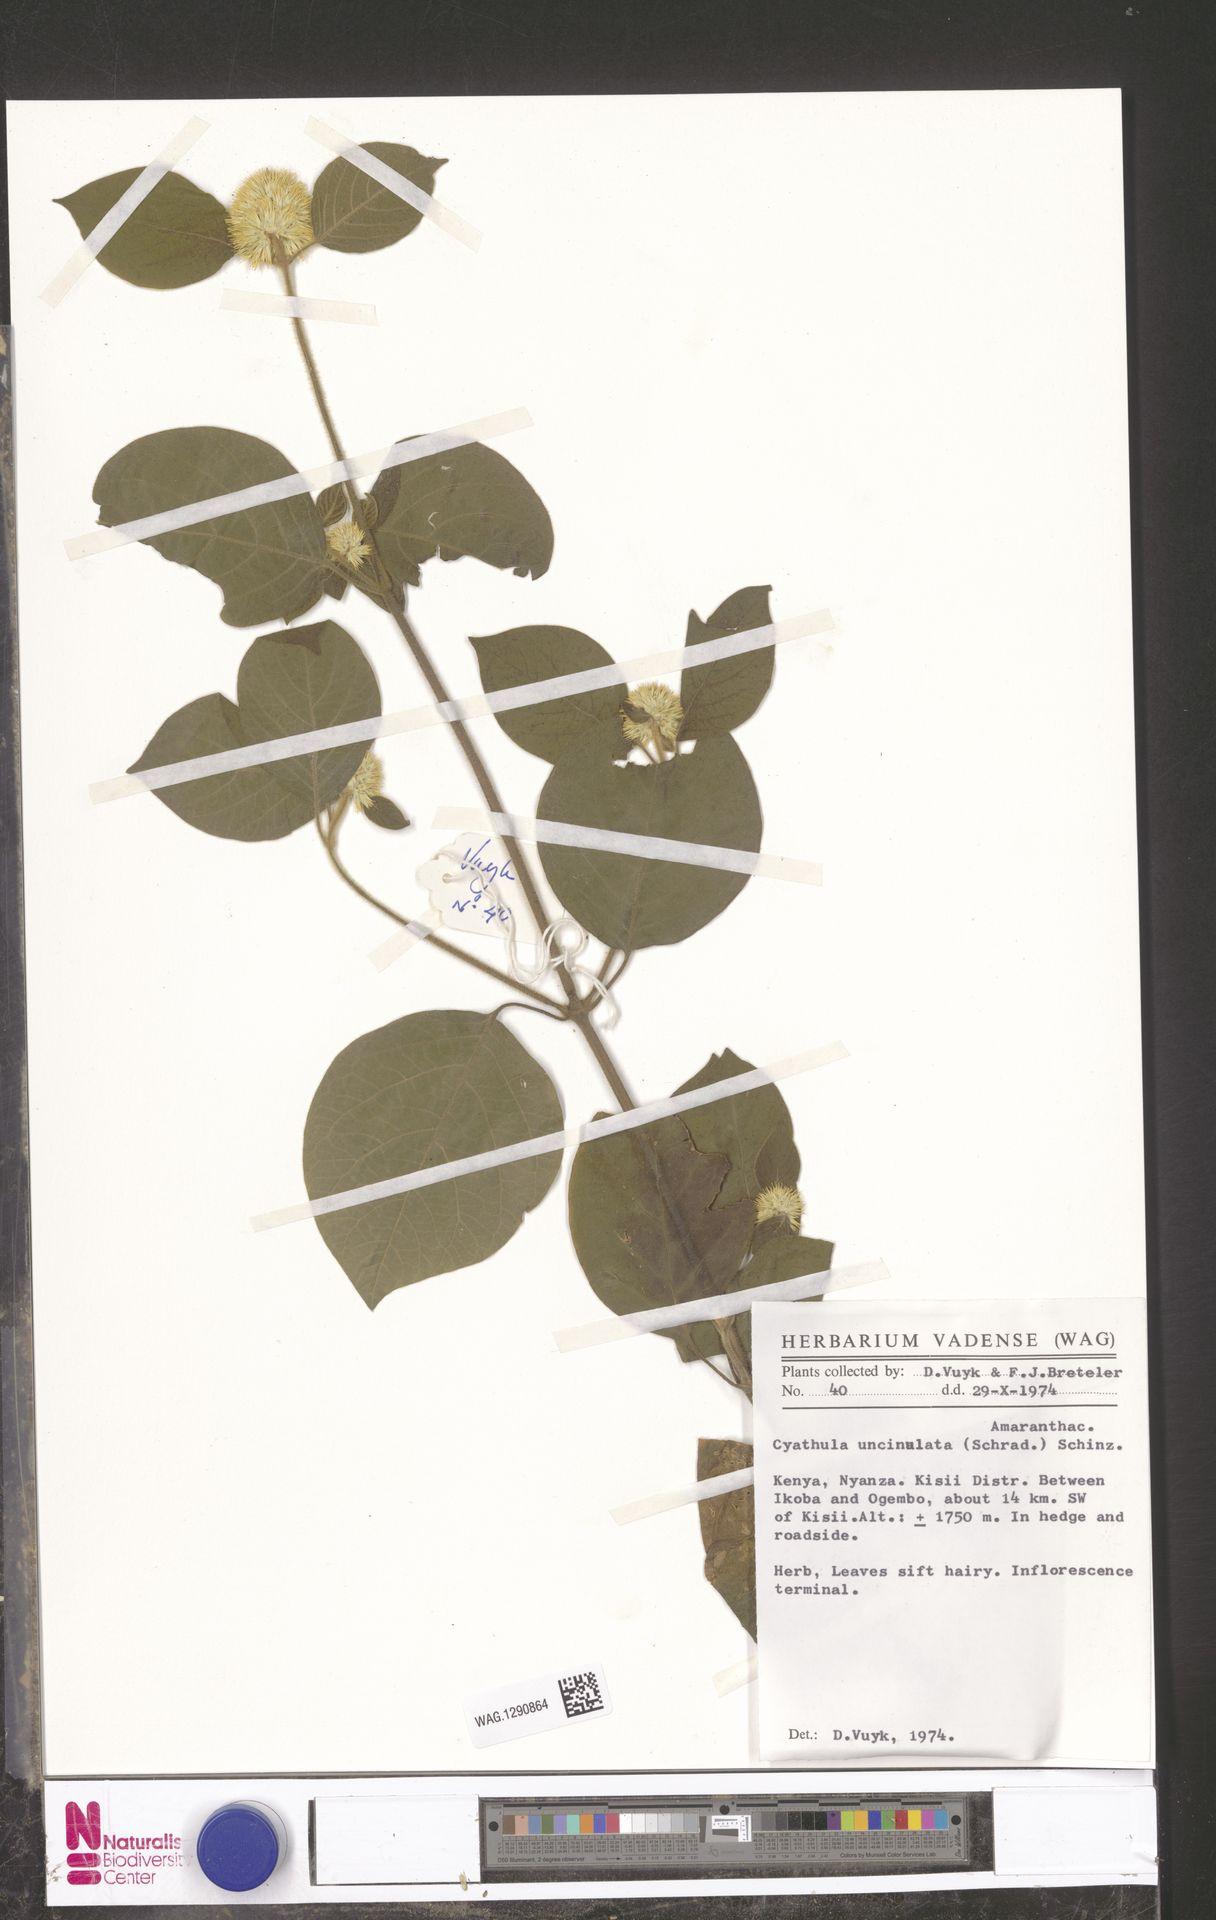 WAG.1290864 | Cyathula uncinulata (Schrad.) Schinz